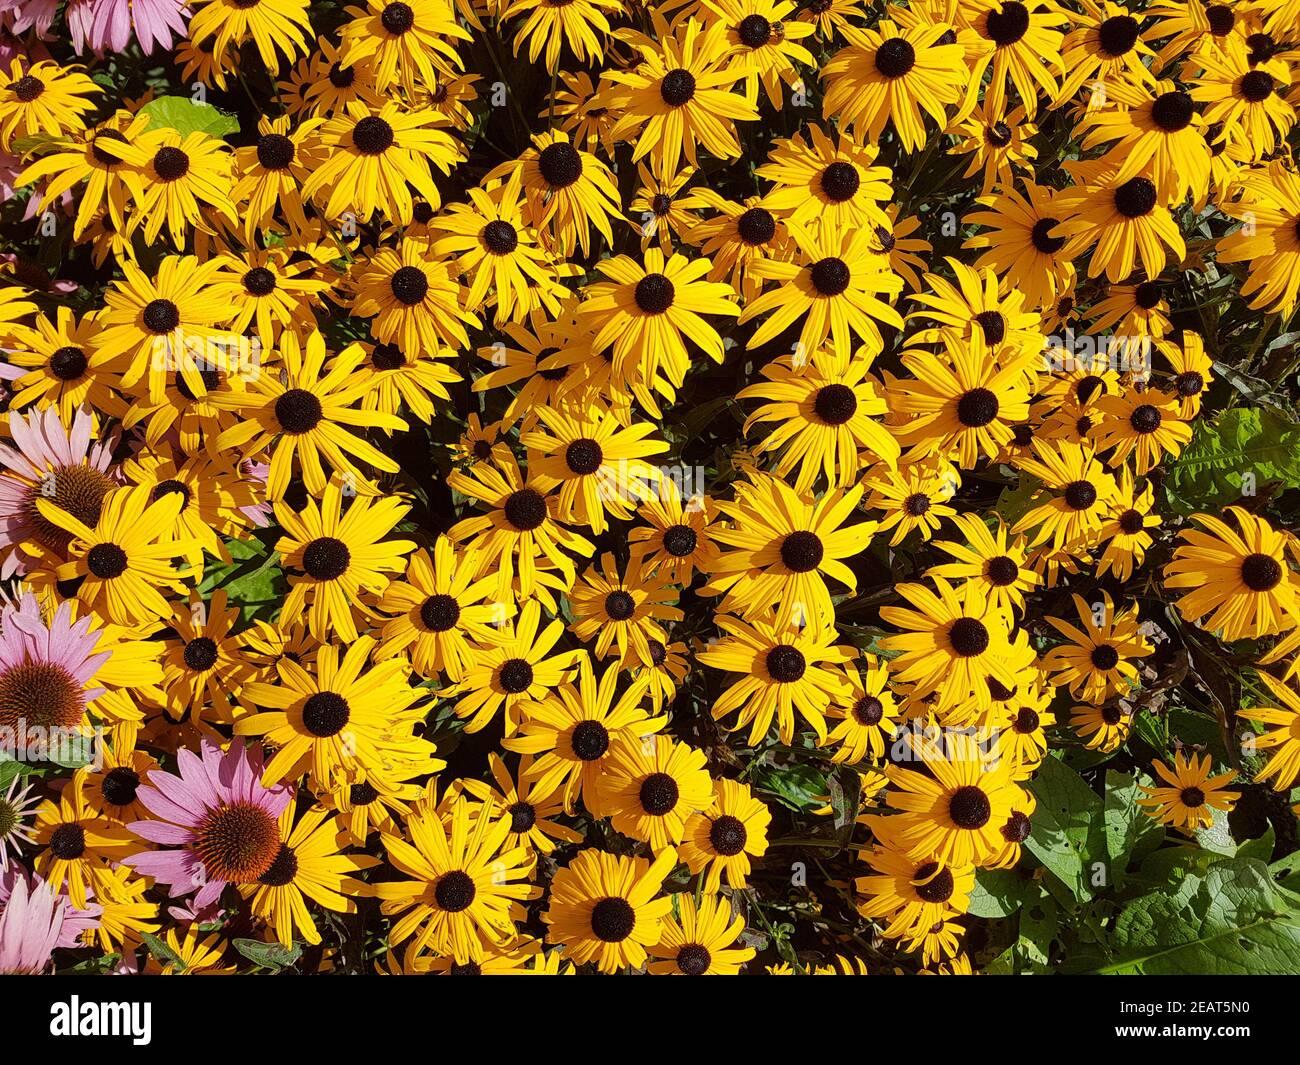 Sonnenhut Sun Hat Rudbeckia hirta Heilpflanze Foto de stock